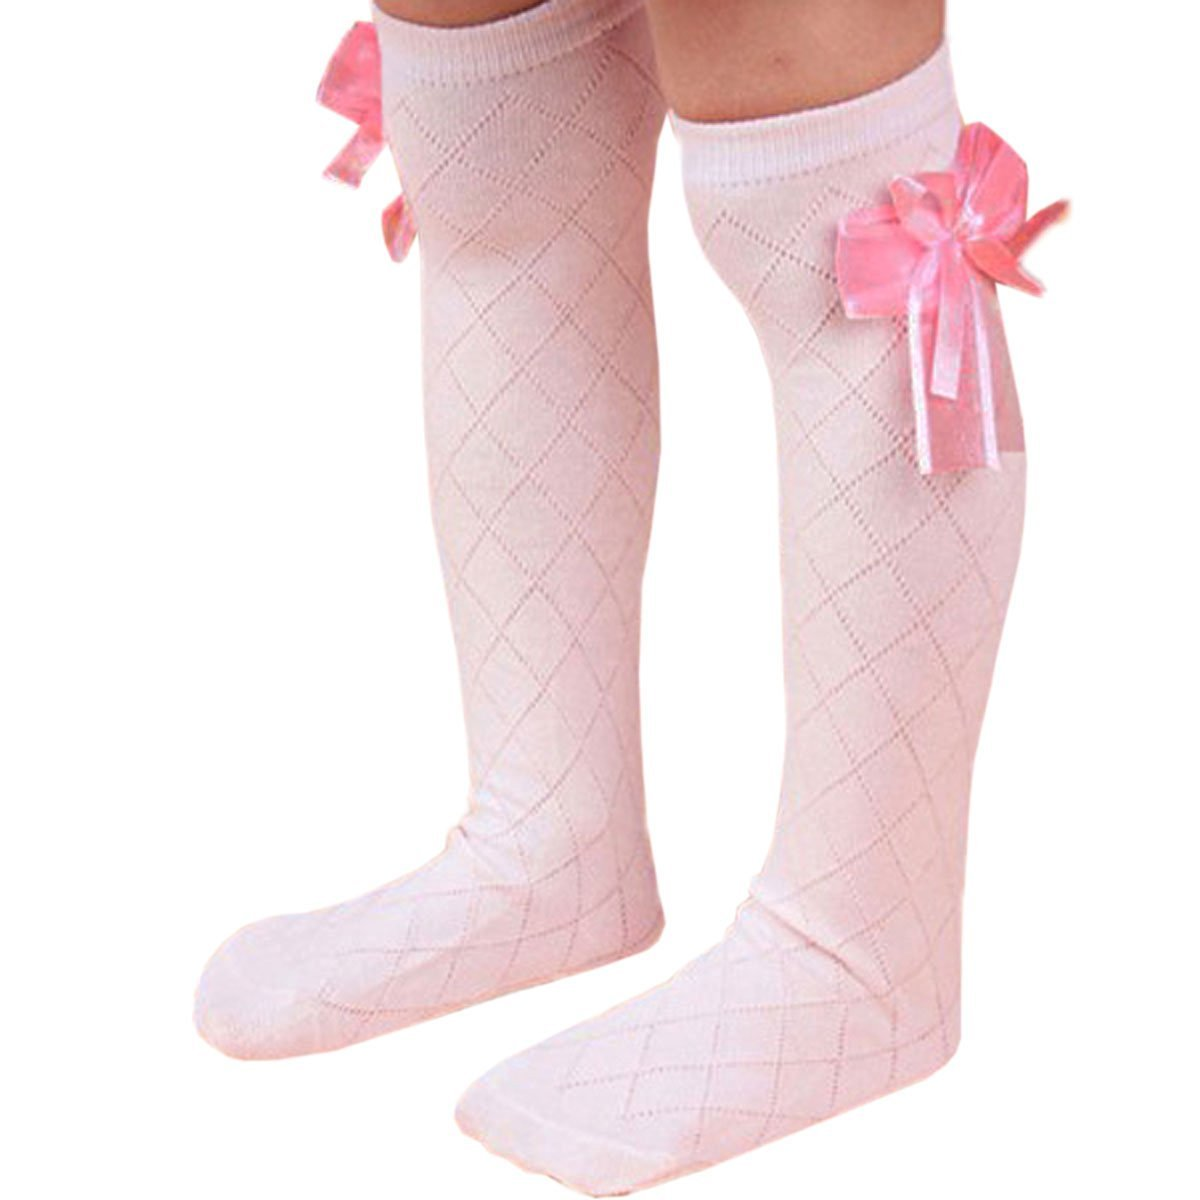 Bluelans® Childrens Girls Lovely Bow White Knee High School Socks Stockings NA